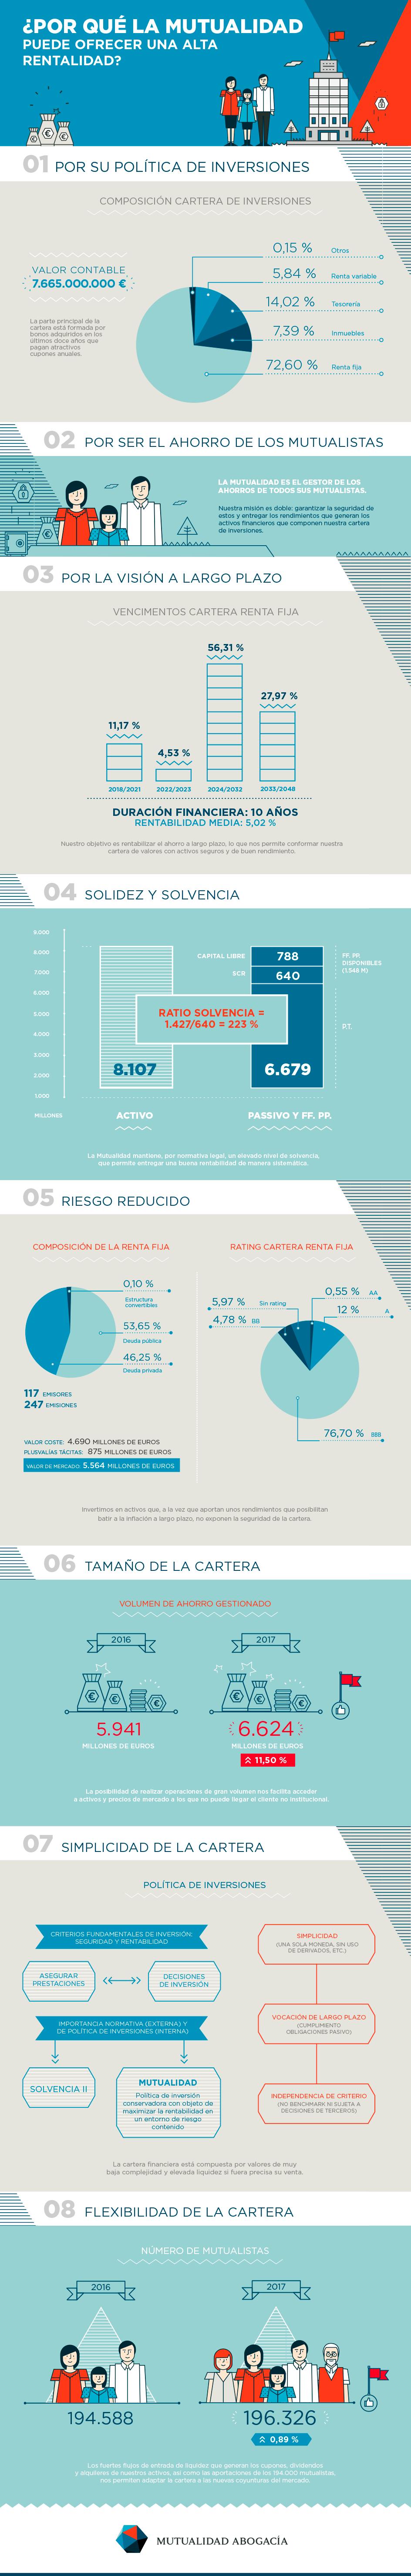 Infografía Rentabilidad Mutualidad